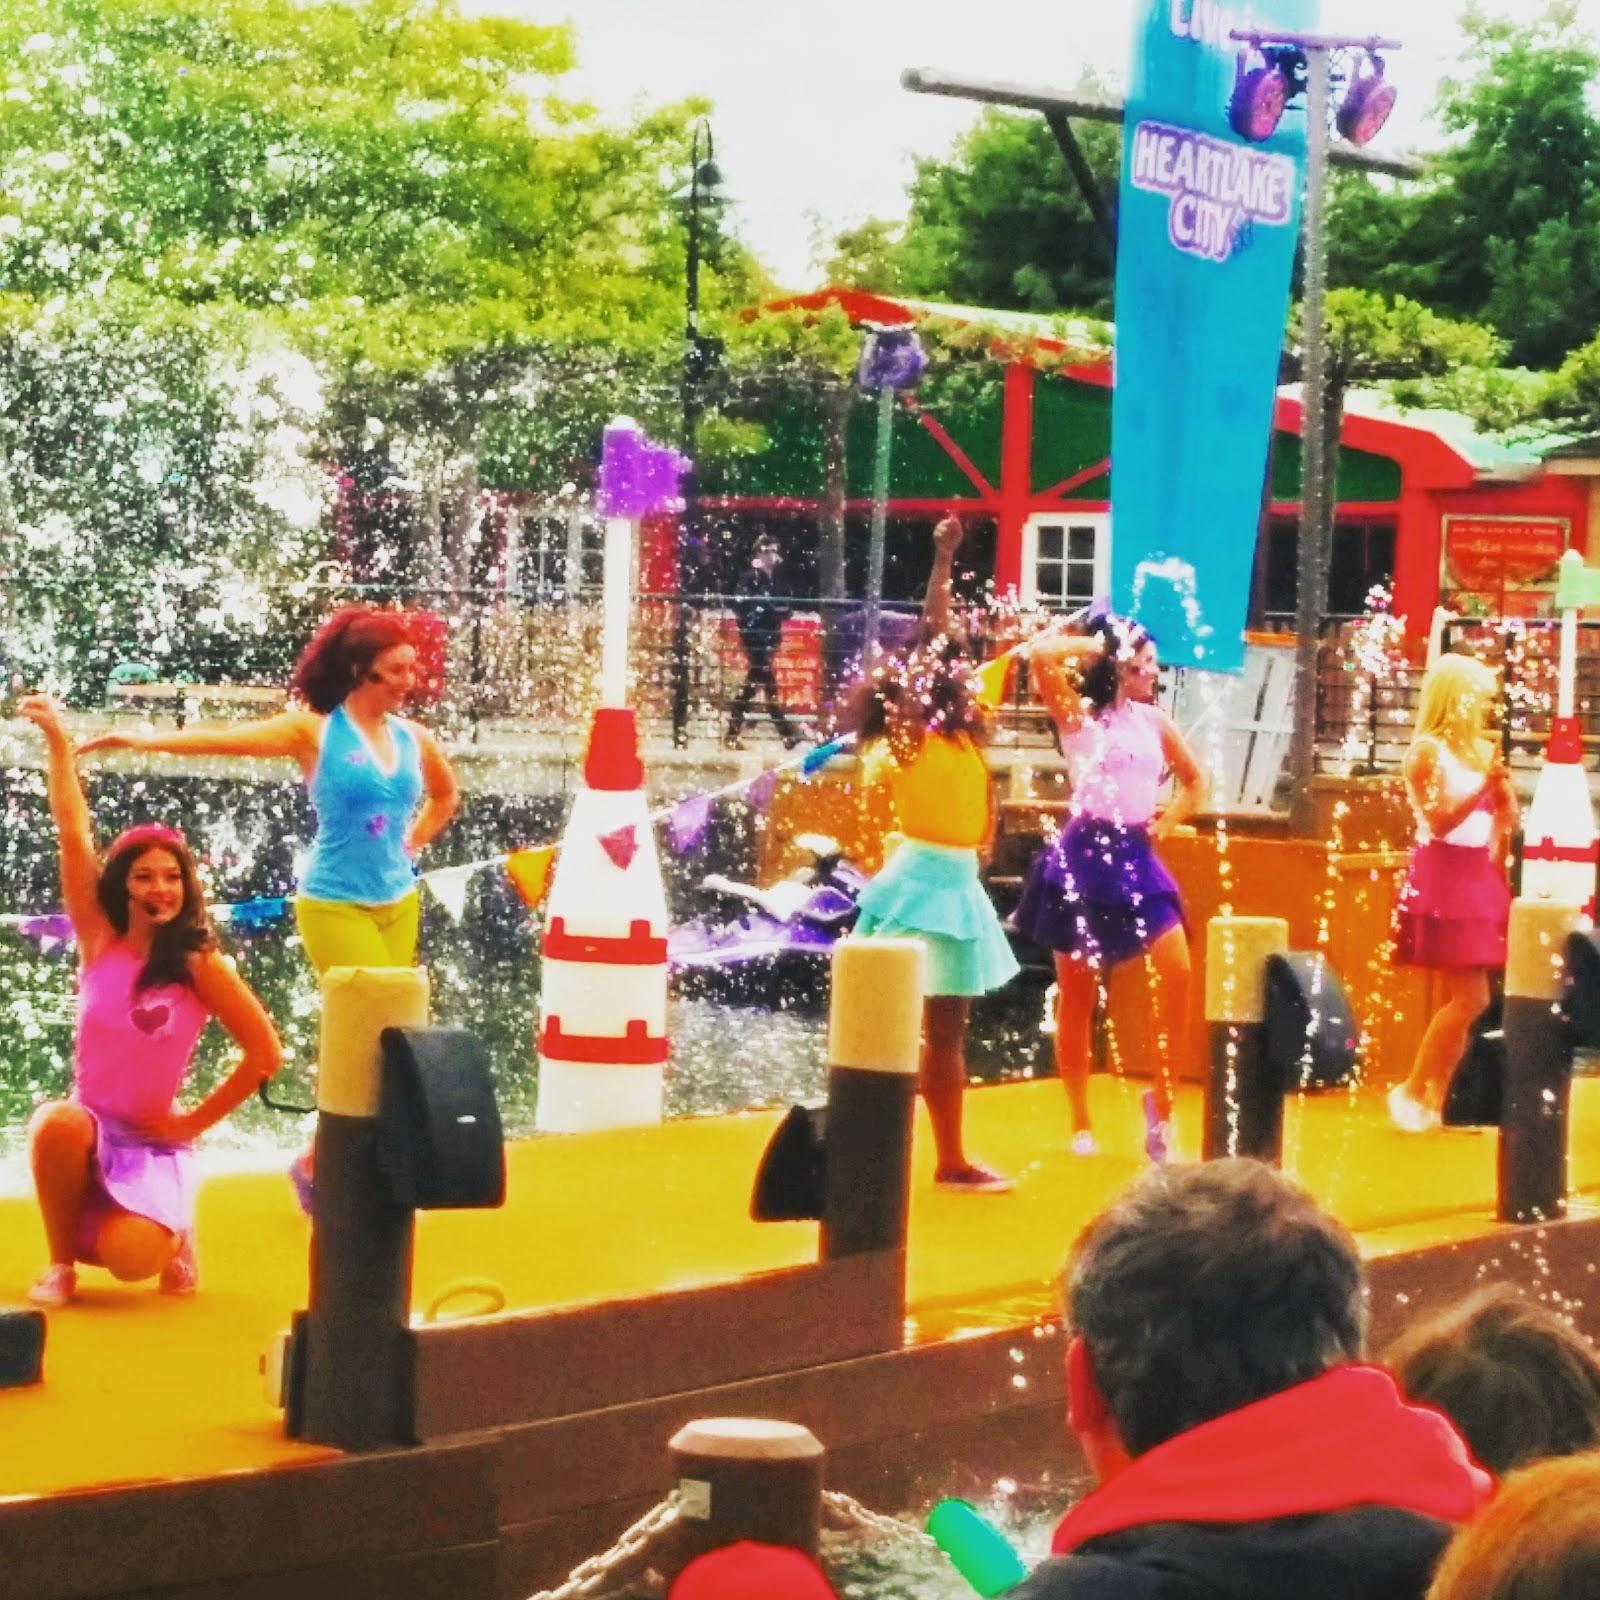 Heartlake Times Friends Display At Legoland Billund: A Mothers Ramblings: Heartlake City And A Day At LEGOLAND